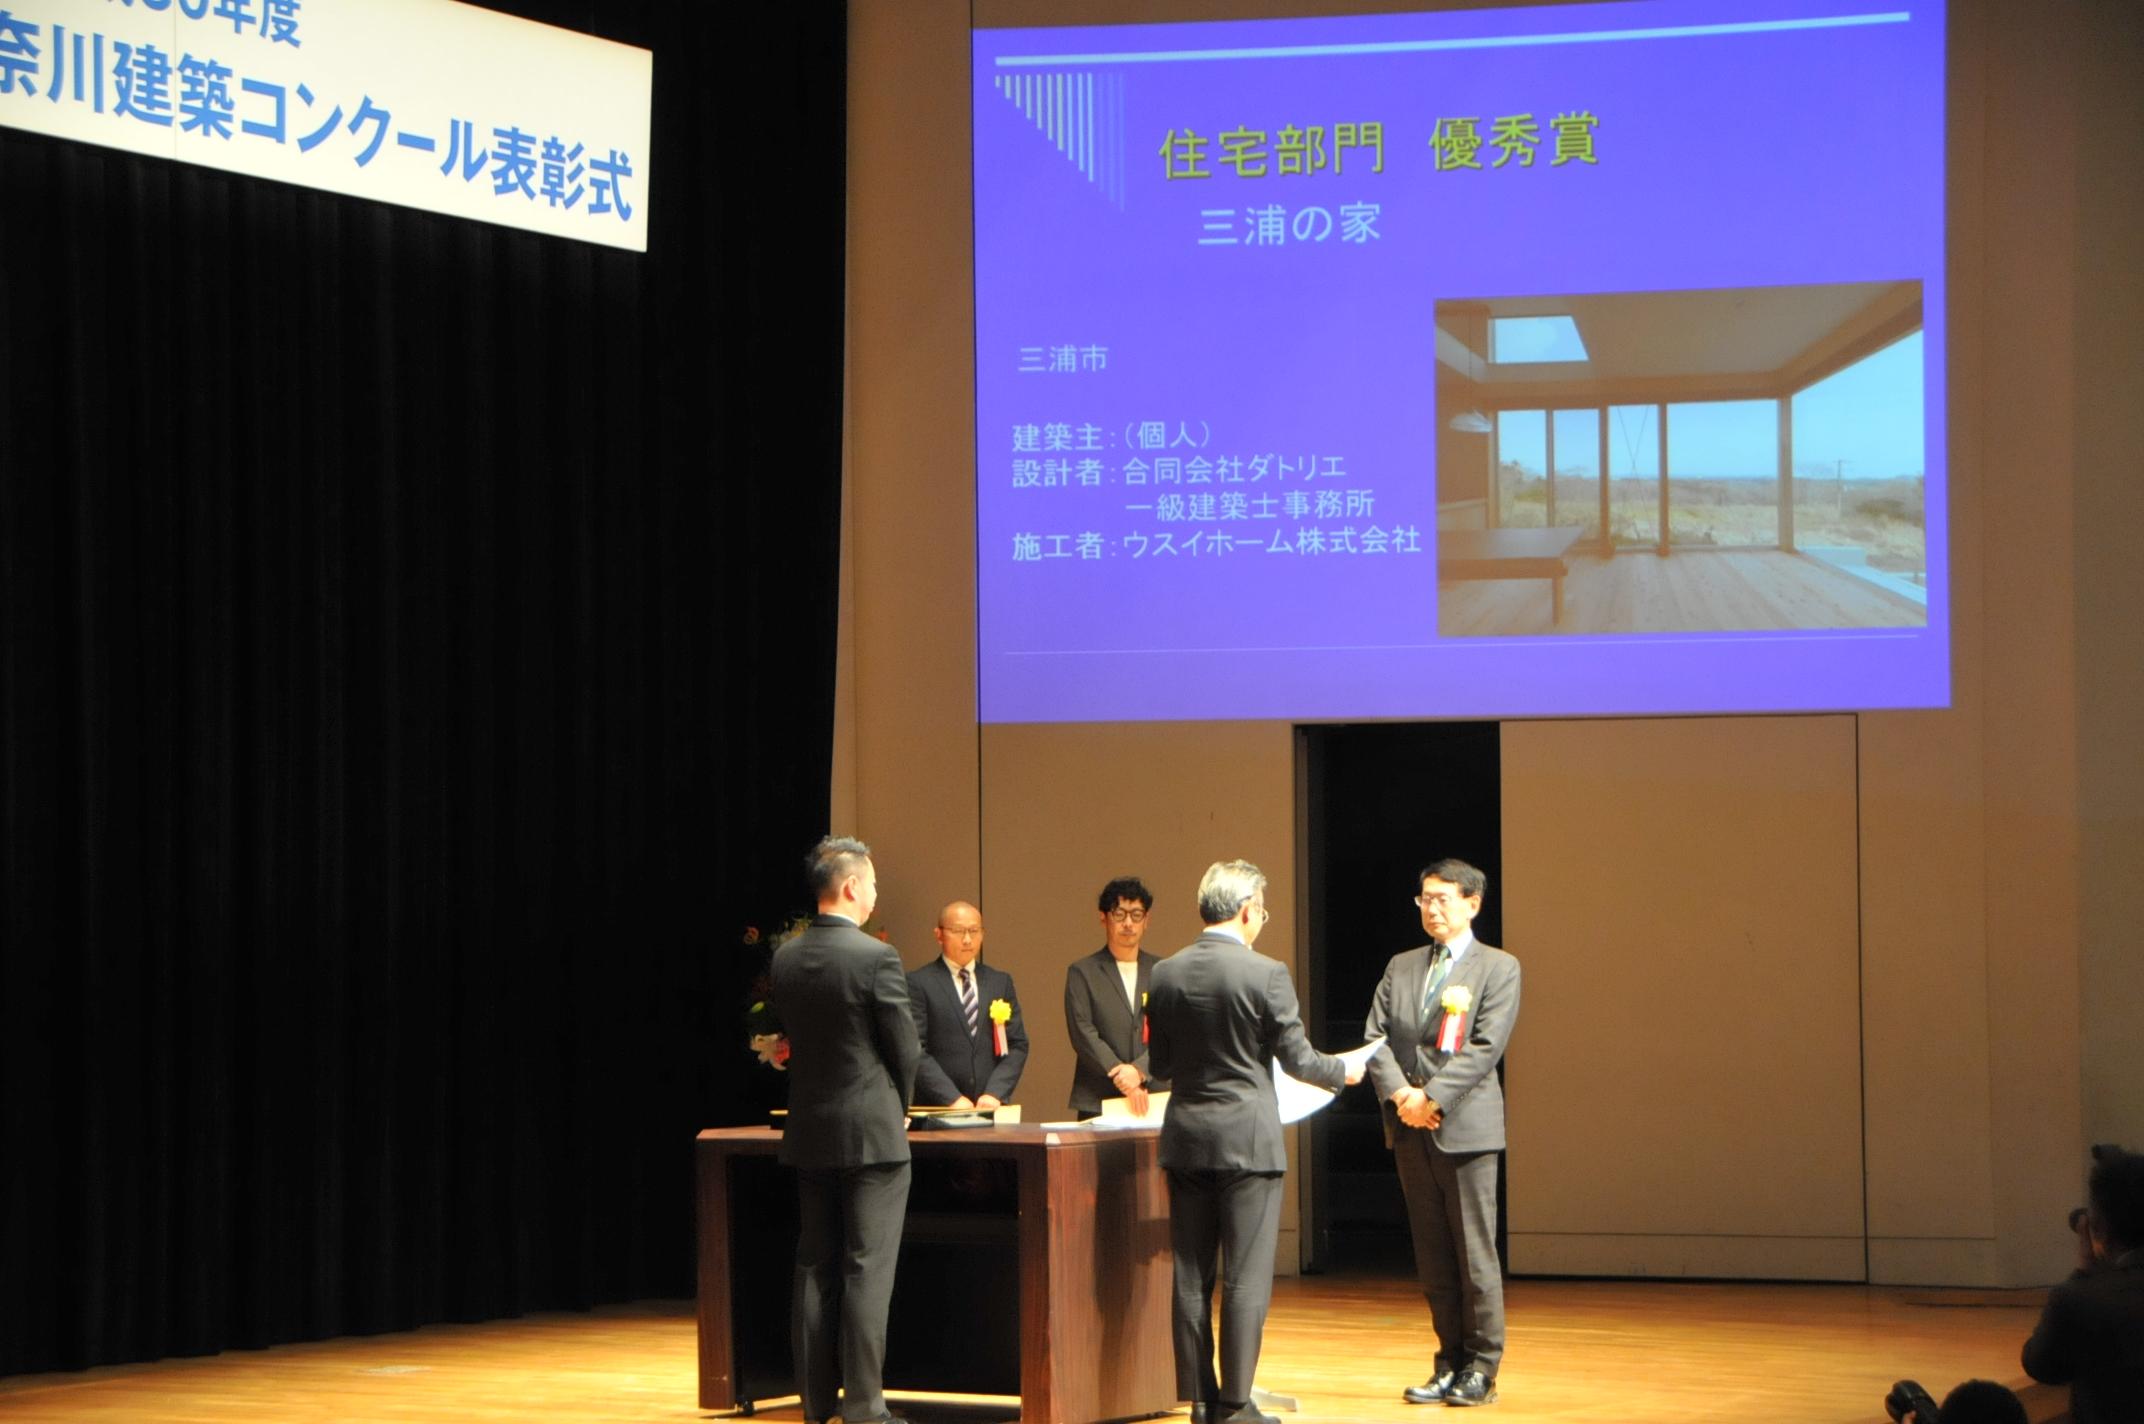 2018.11.12_第62回神奈川建築コンクール (5)